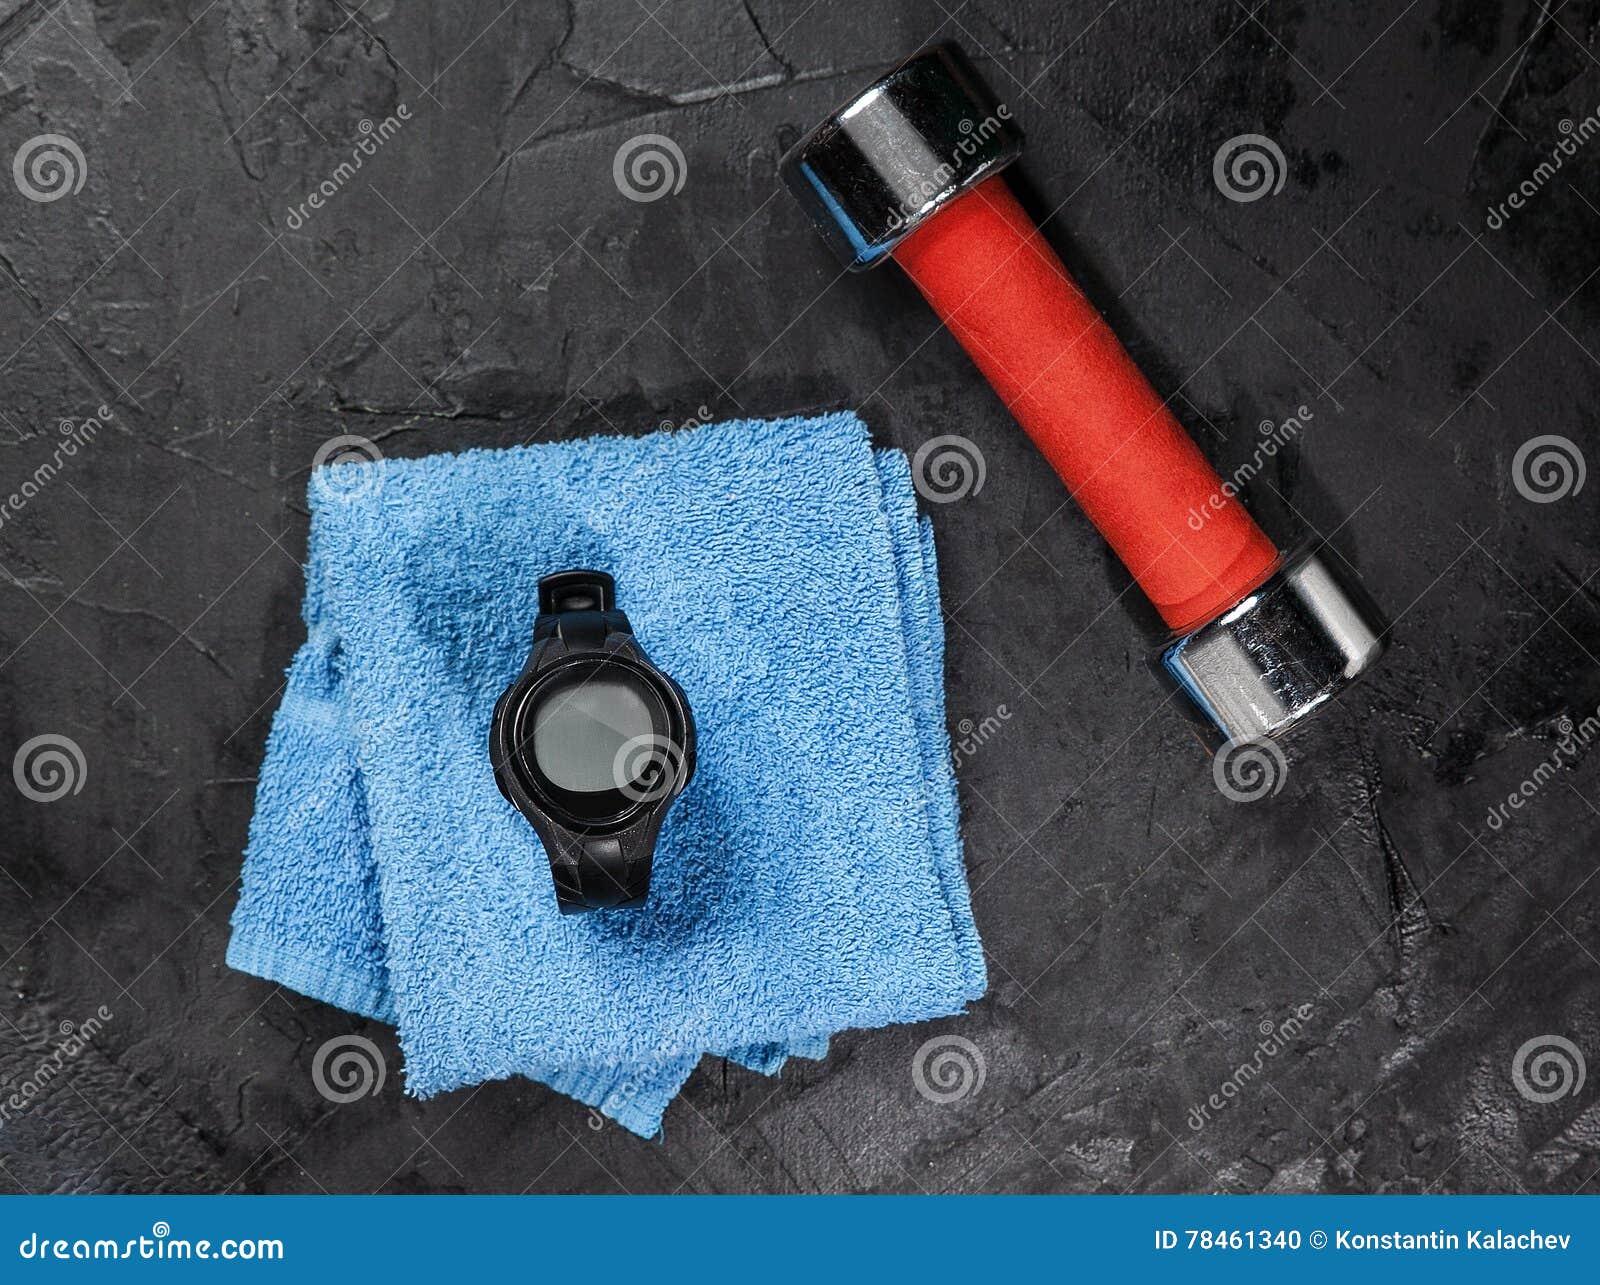 Όργανο ελέγχου ποσοστού καρδιών στην μπλε πετσέτα κοντά στη σφαίρα ποδοσφαίρου